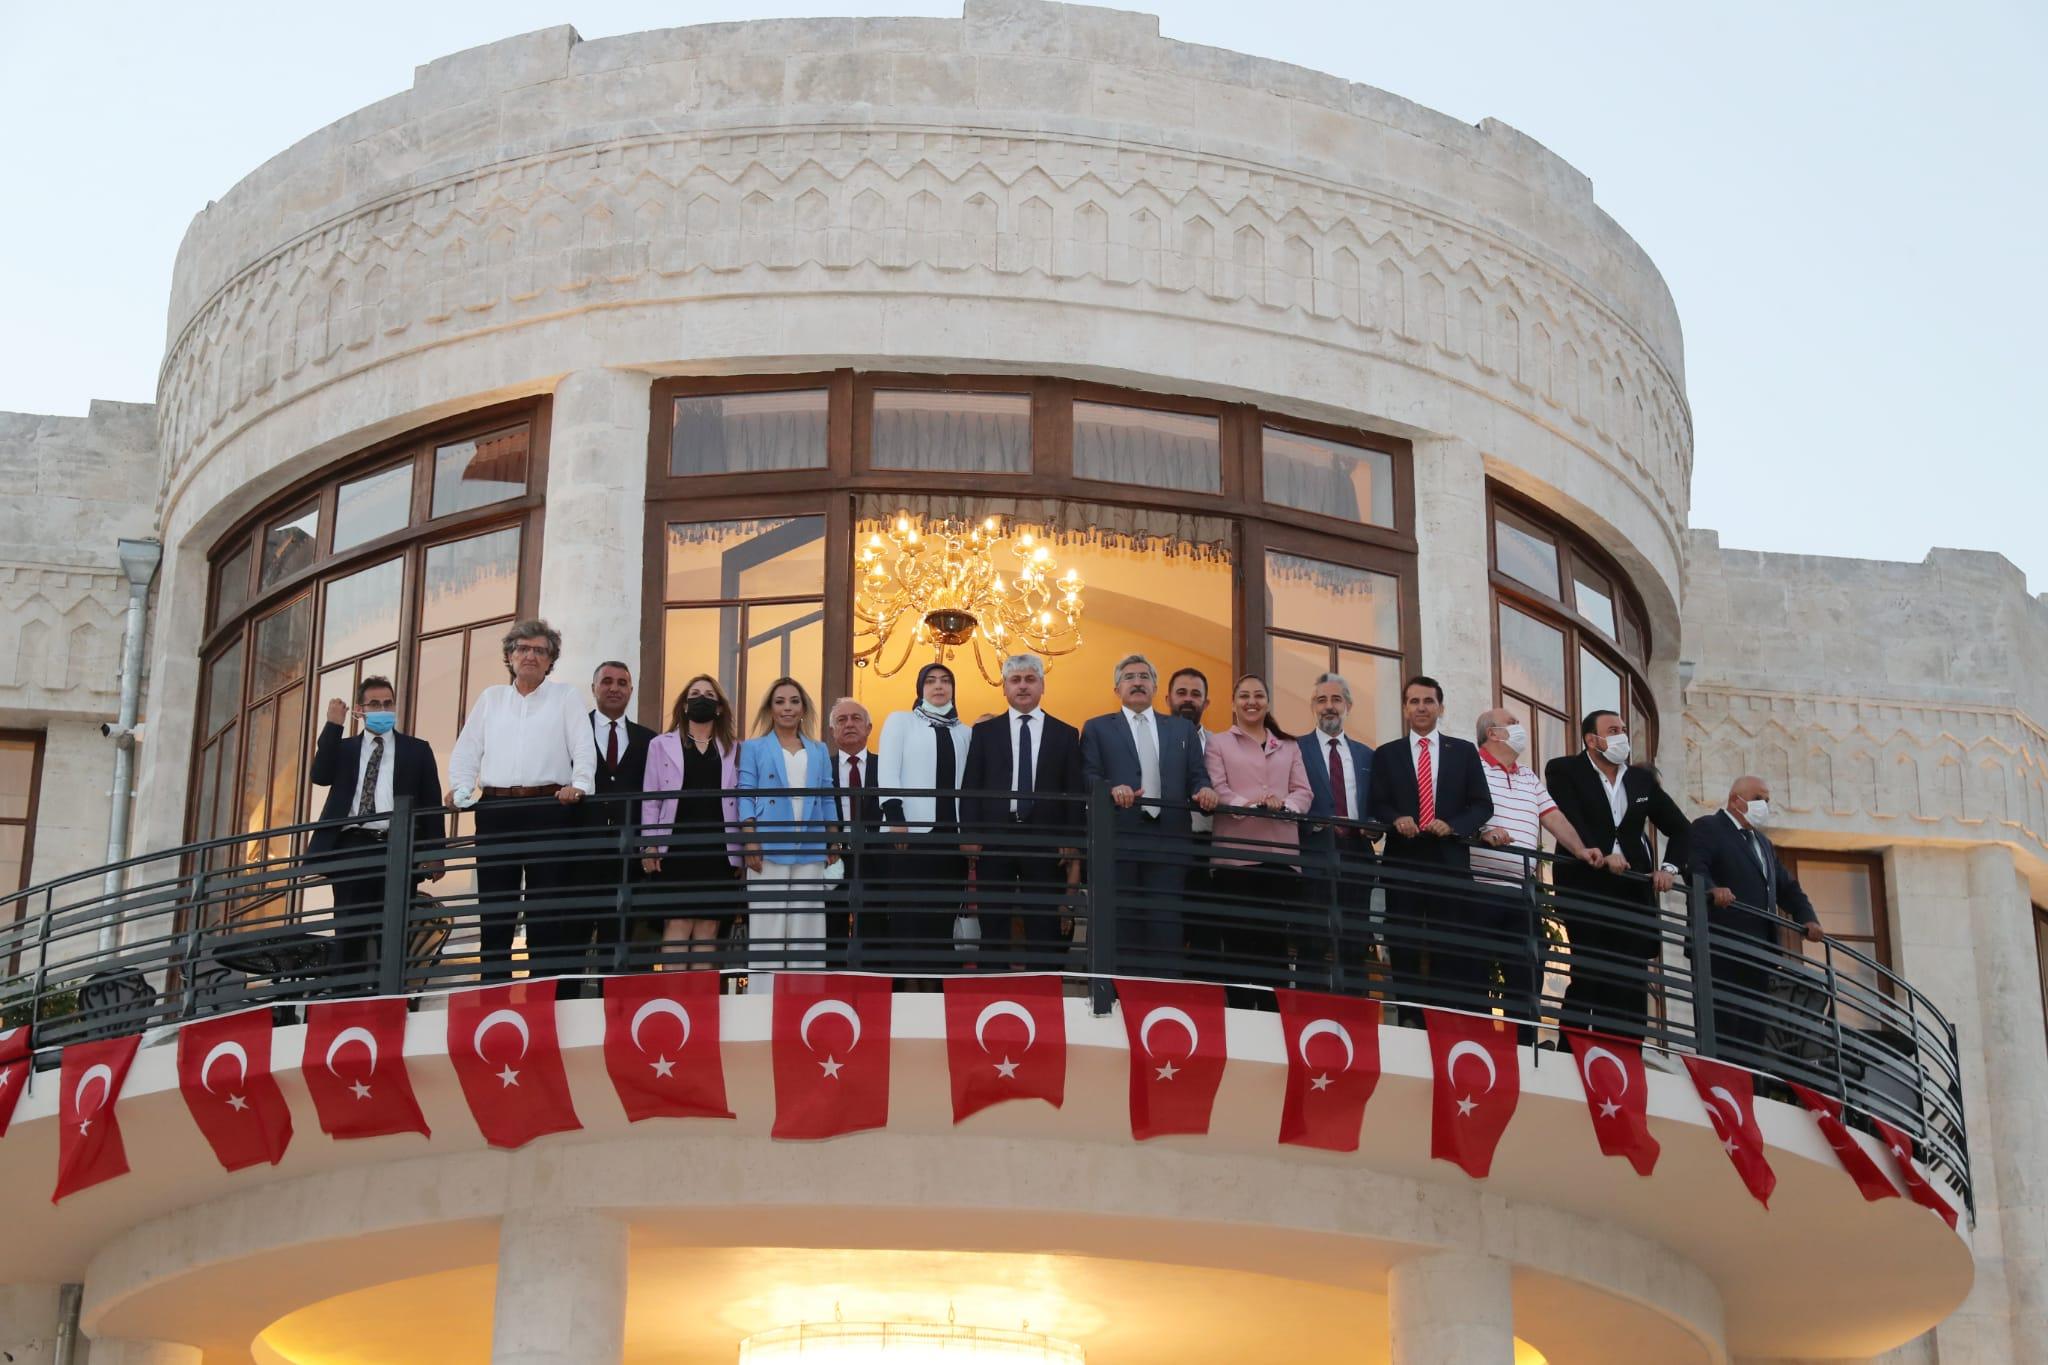 Hatay Valiliği Meclis Kültür ve Sanat Merkezi ile Antakya Konağı'nın  Açılışı Gerçekleştirildi